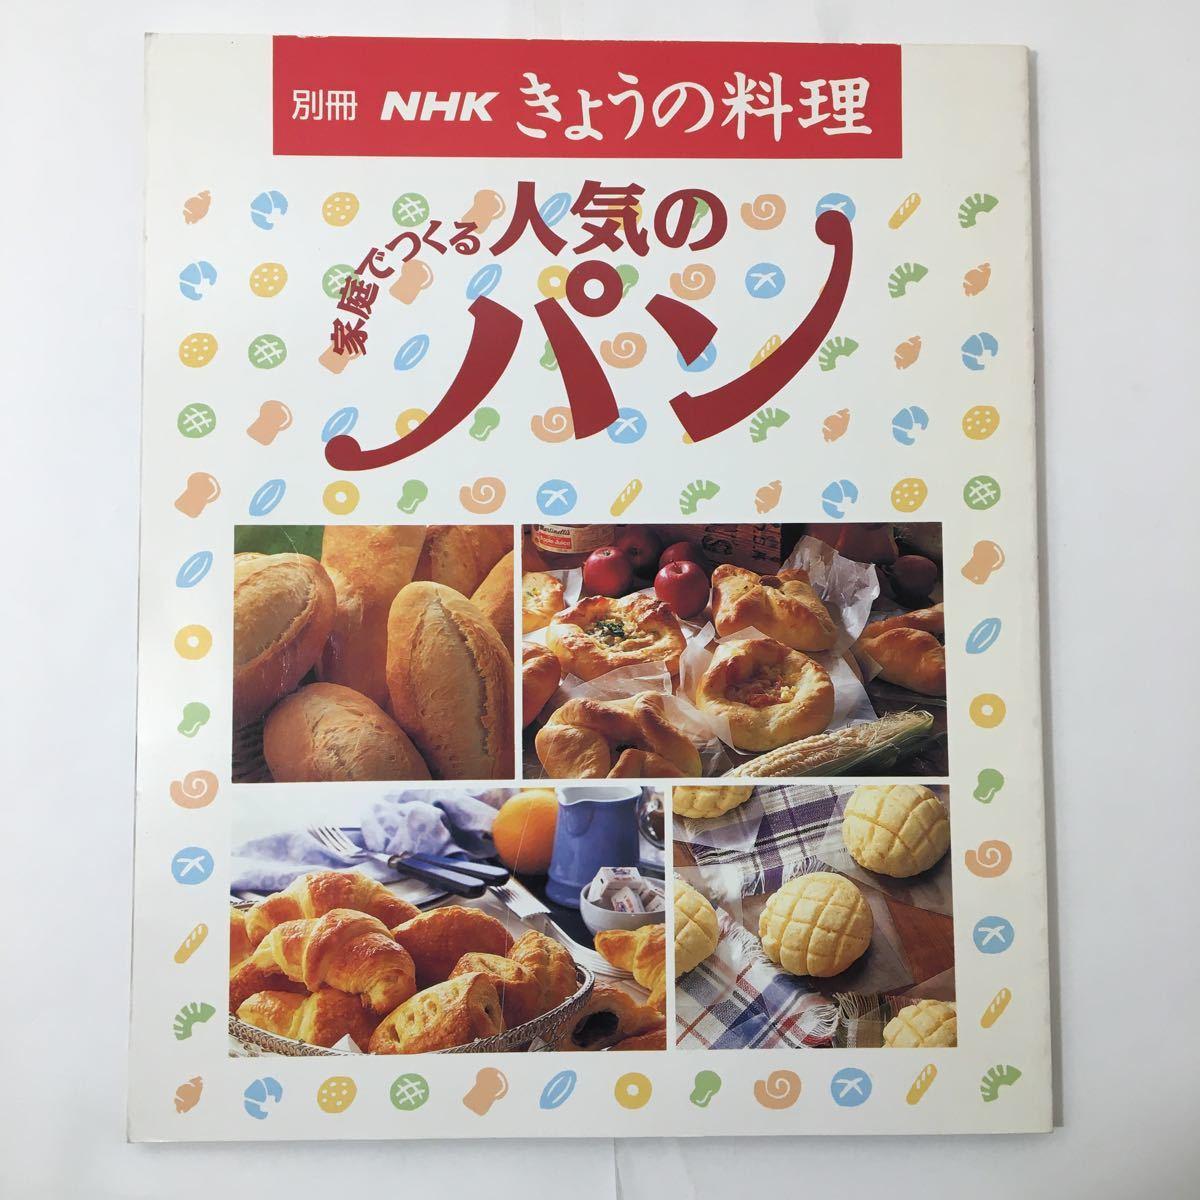 家庭でつくる人気のパン (別冊NHKきょうの料理) 単行本 1995/3 z-64